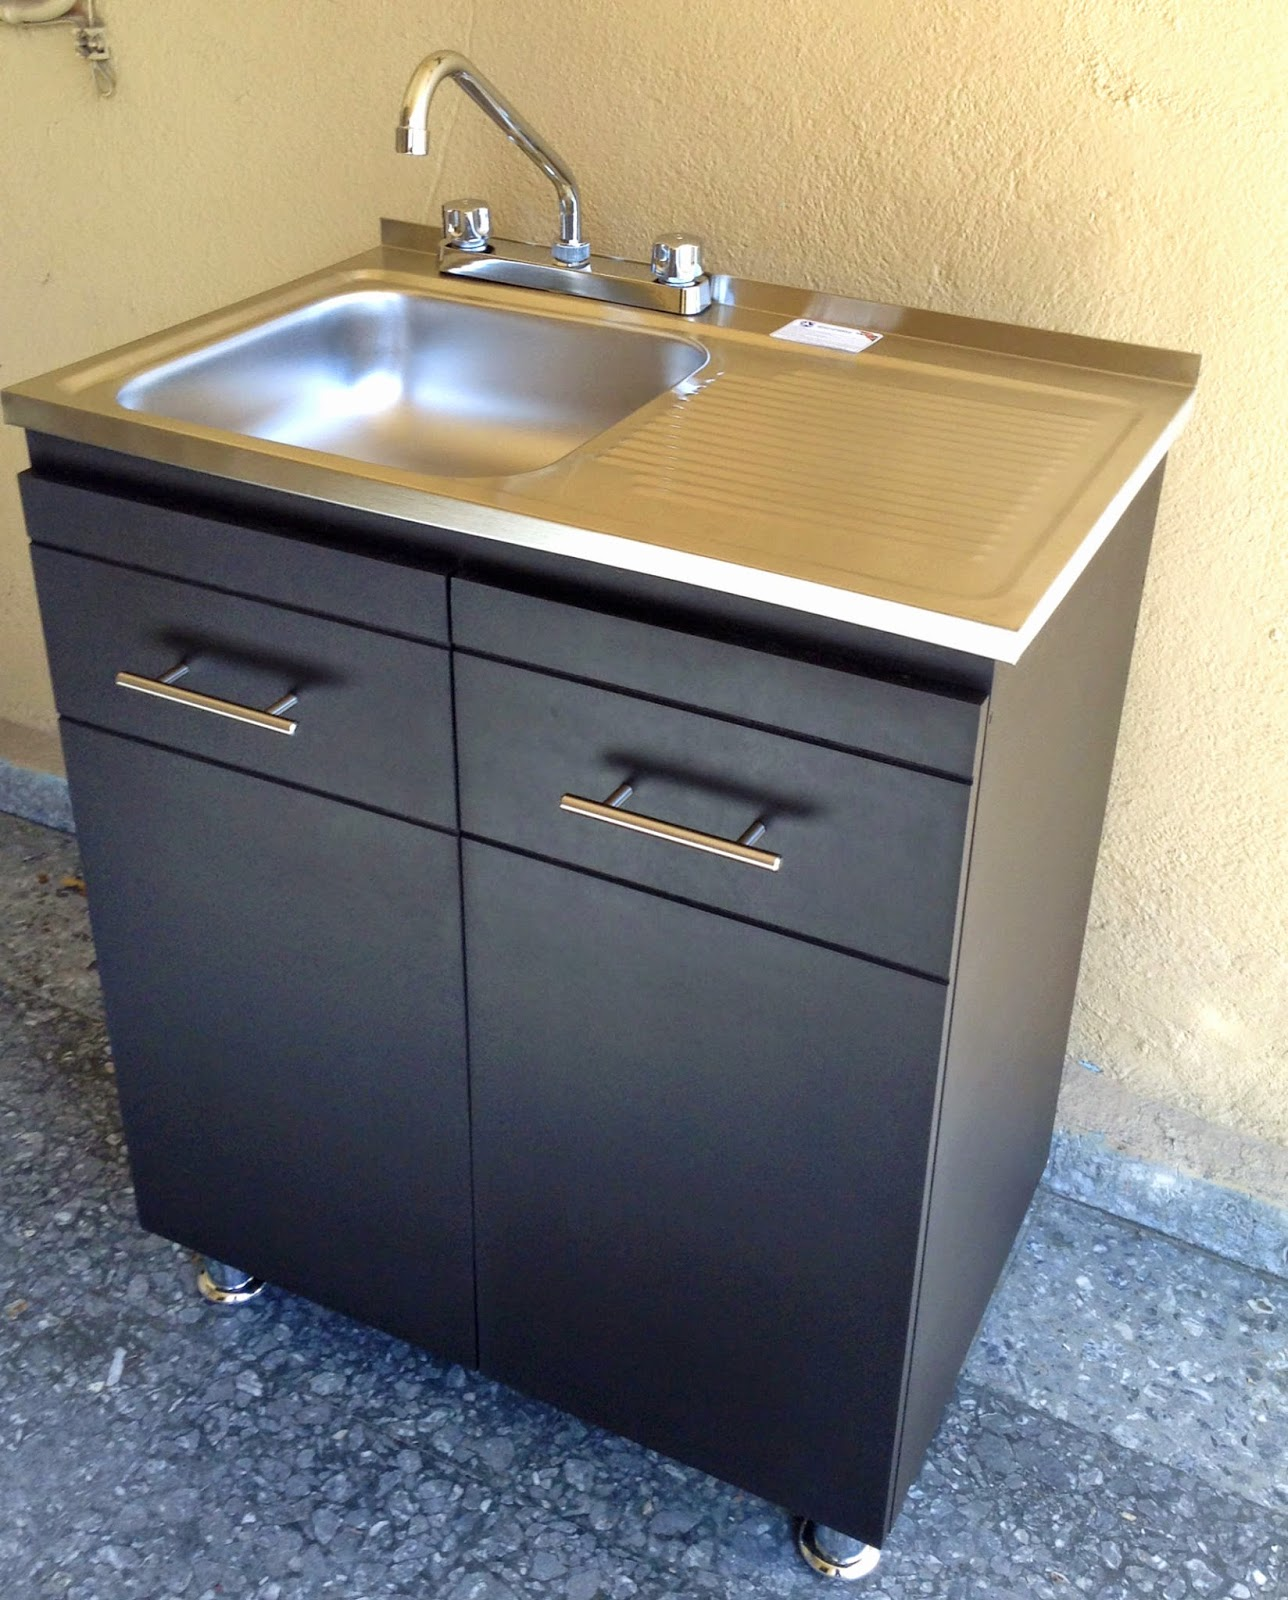 El outlet del gabinete gabinete de cocina con tarja y alacena - Muebles para fregadero cocina ...